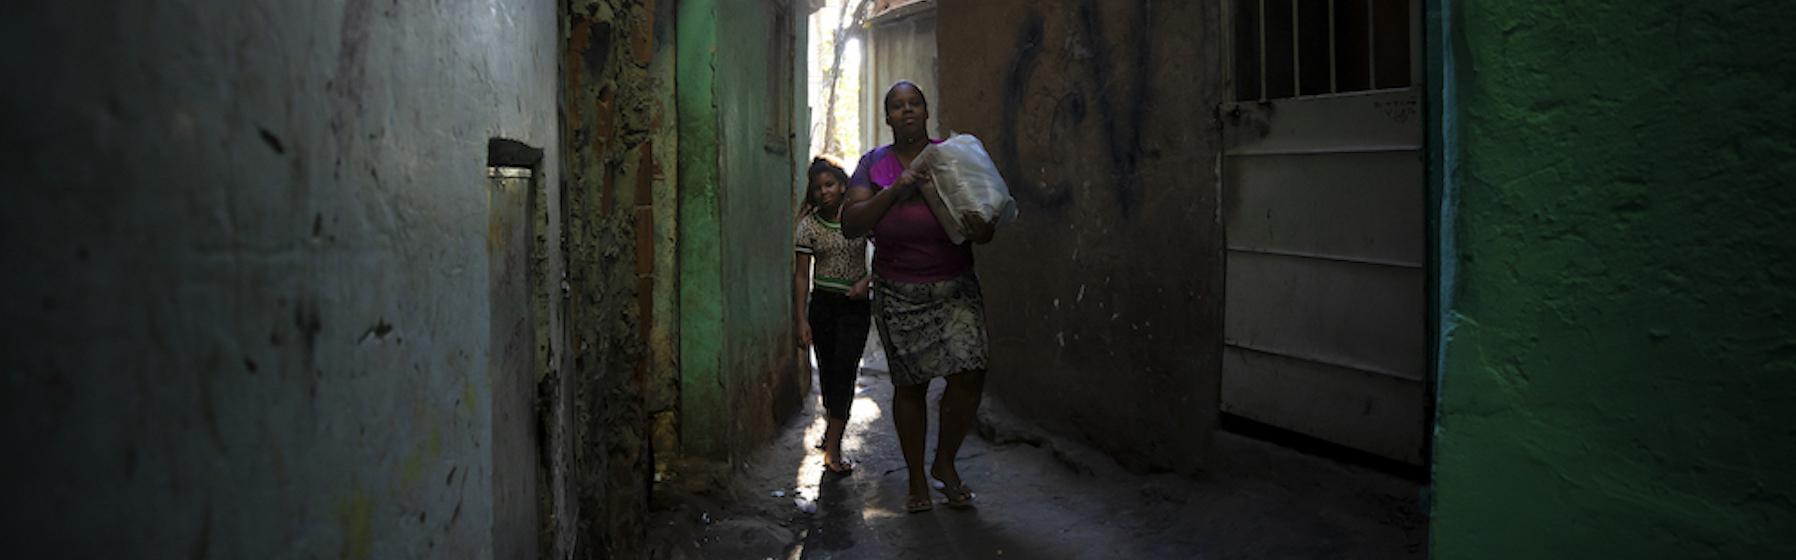 La vita in una favela di Rio nel pieno della pandemia